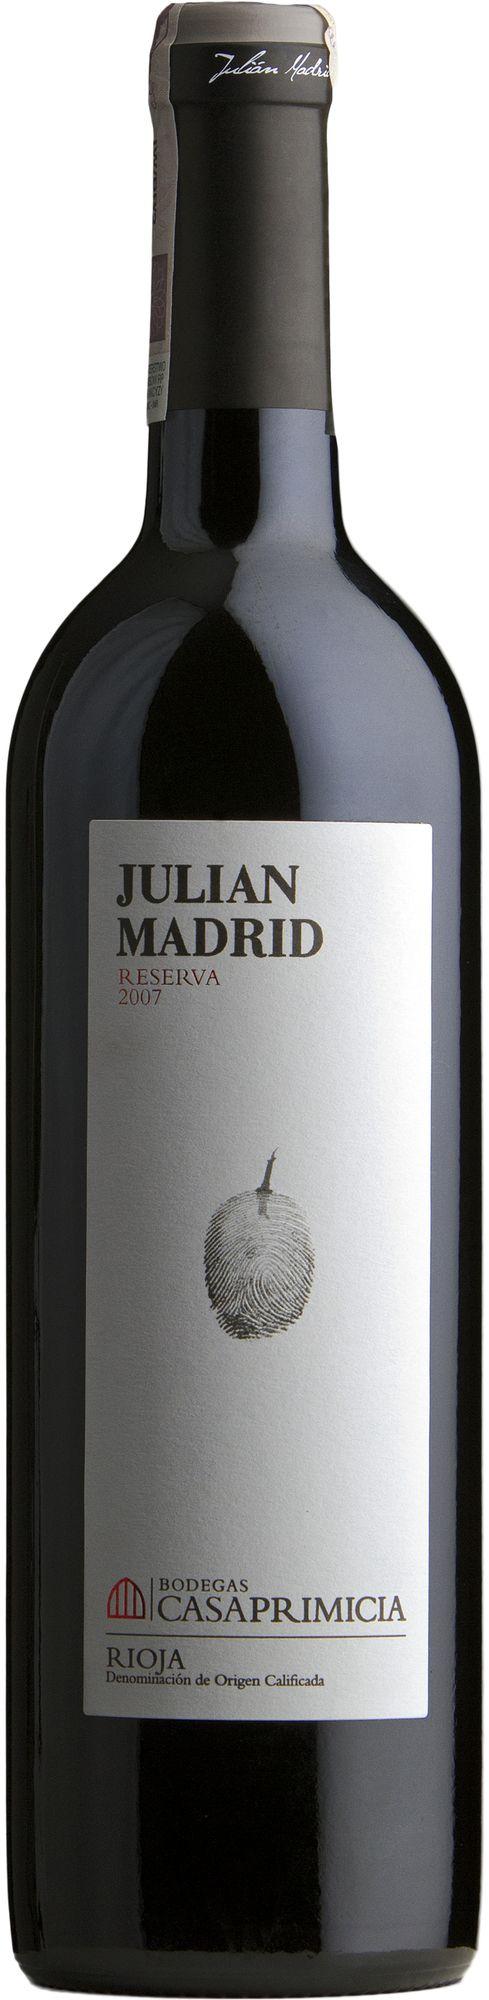 Wino Casa Primicia Julián Madrid Reserva Rioja DOCa